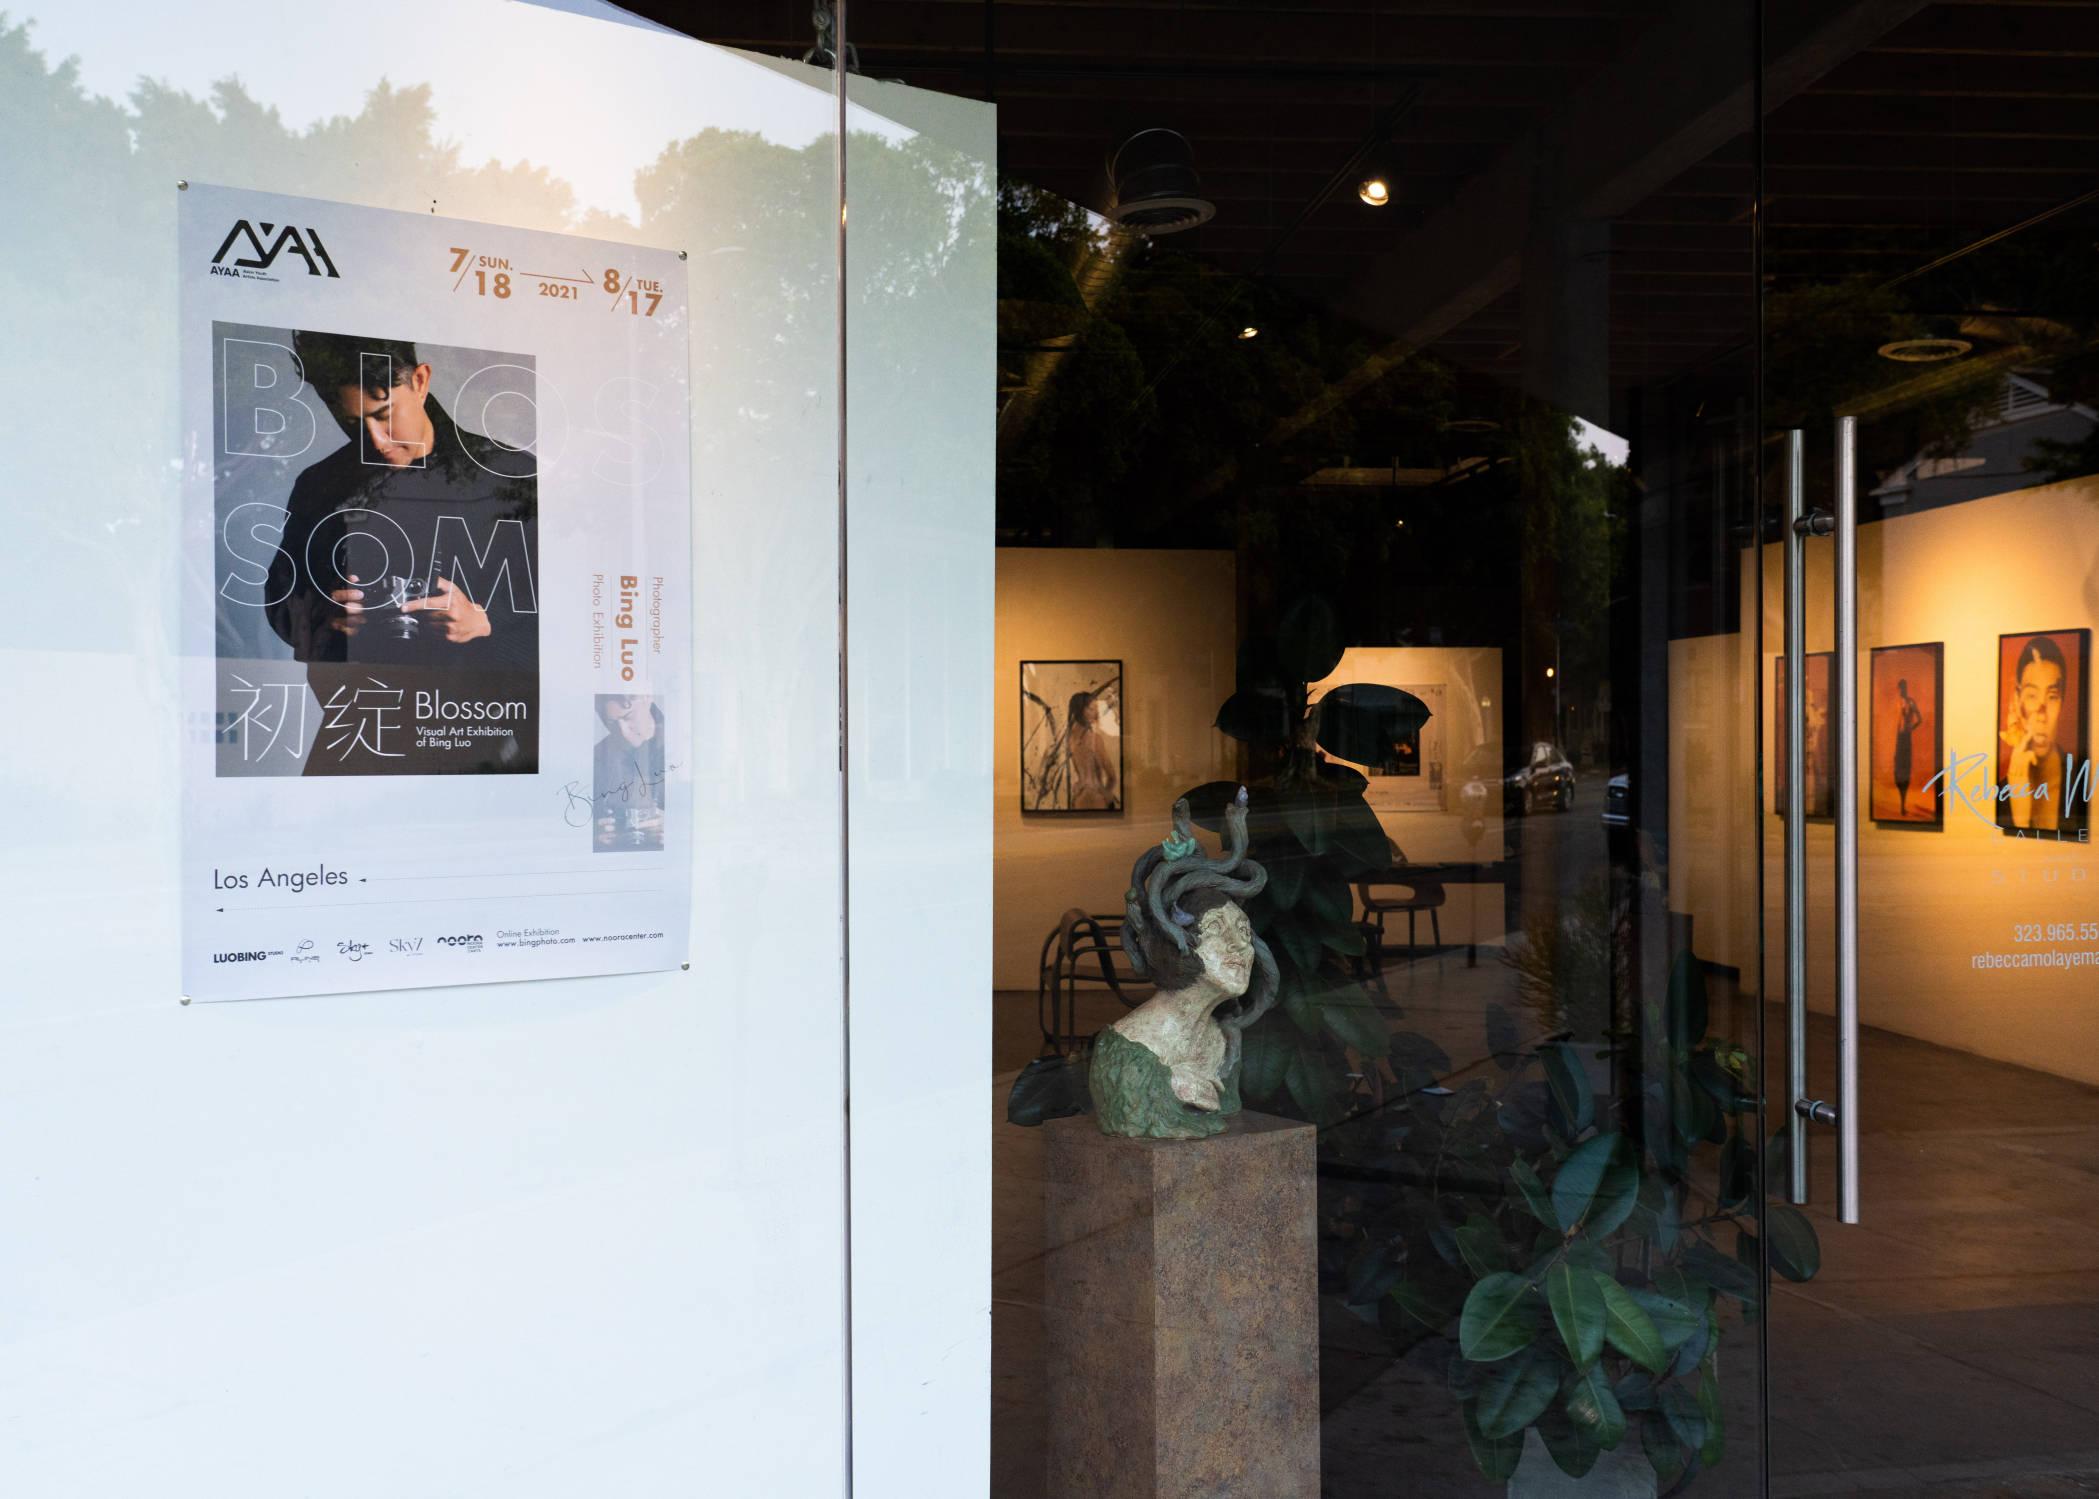 新锐摄影师罗冰个展《初绽》在洛杉矶举办 展现新概念东方文化美